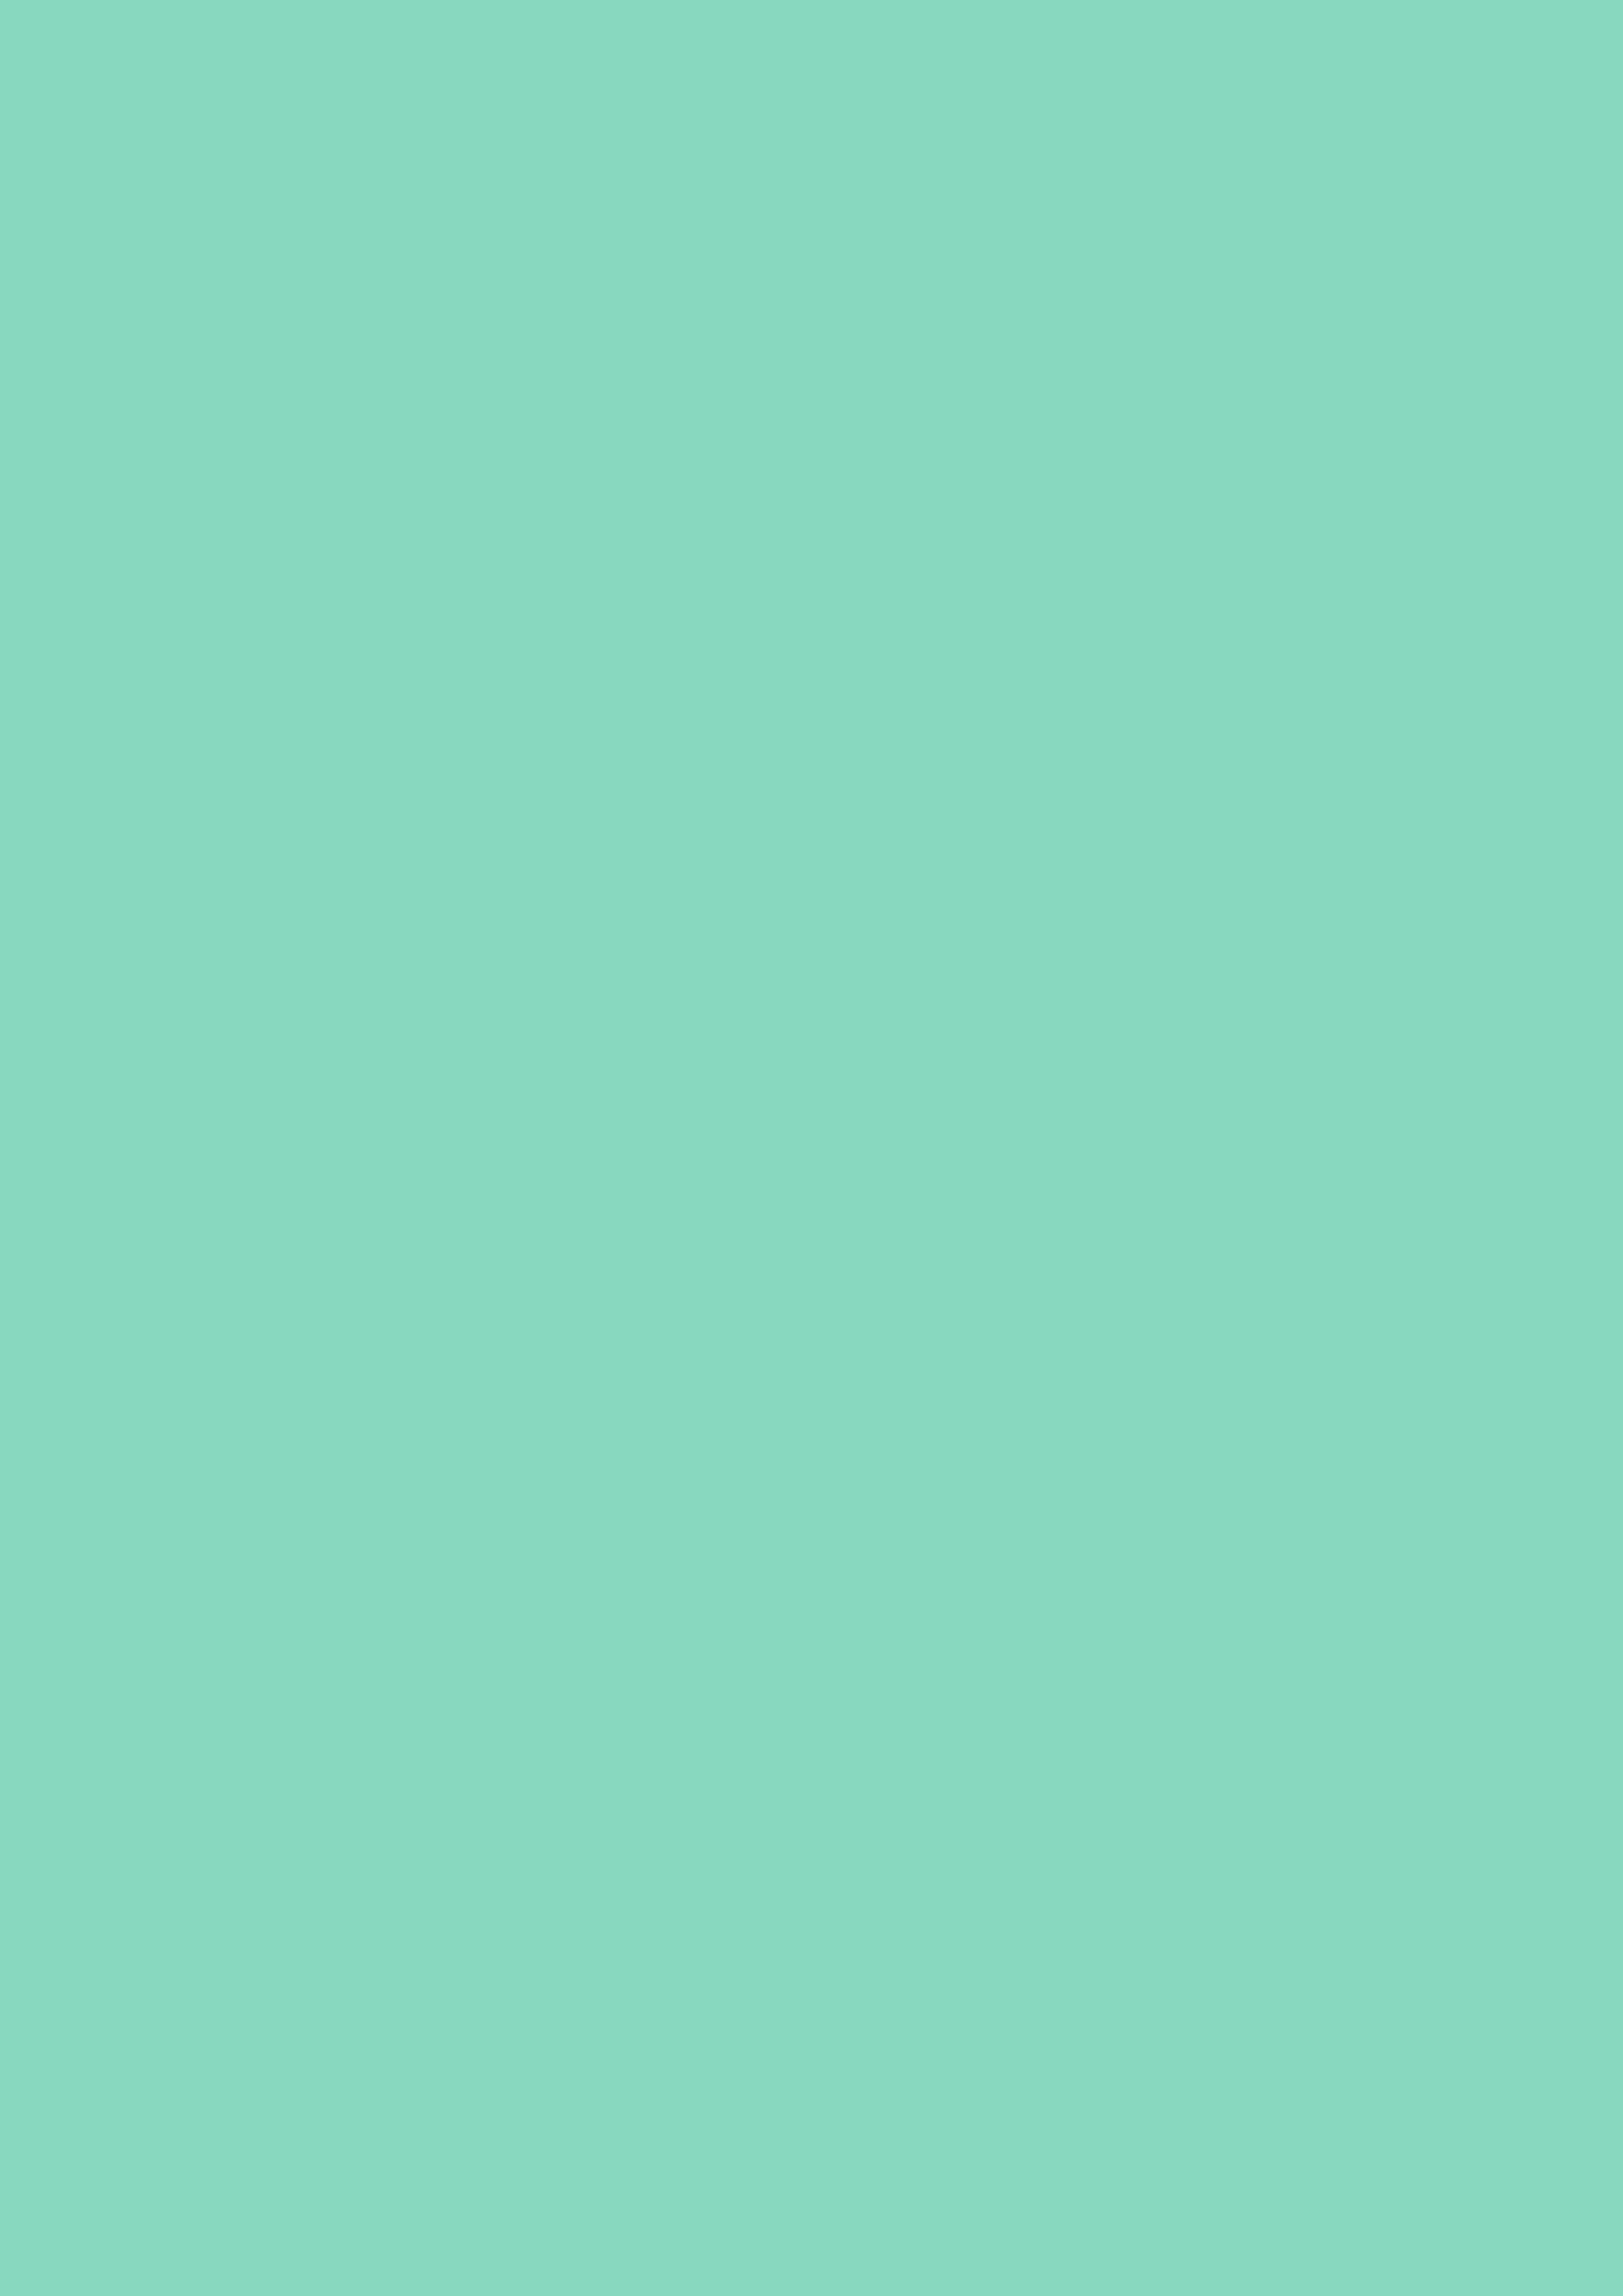 2480x3508 Pearl Aqua Solid Color Background